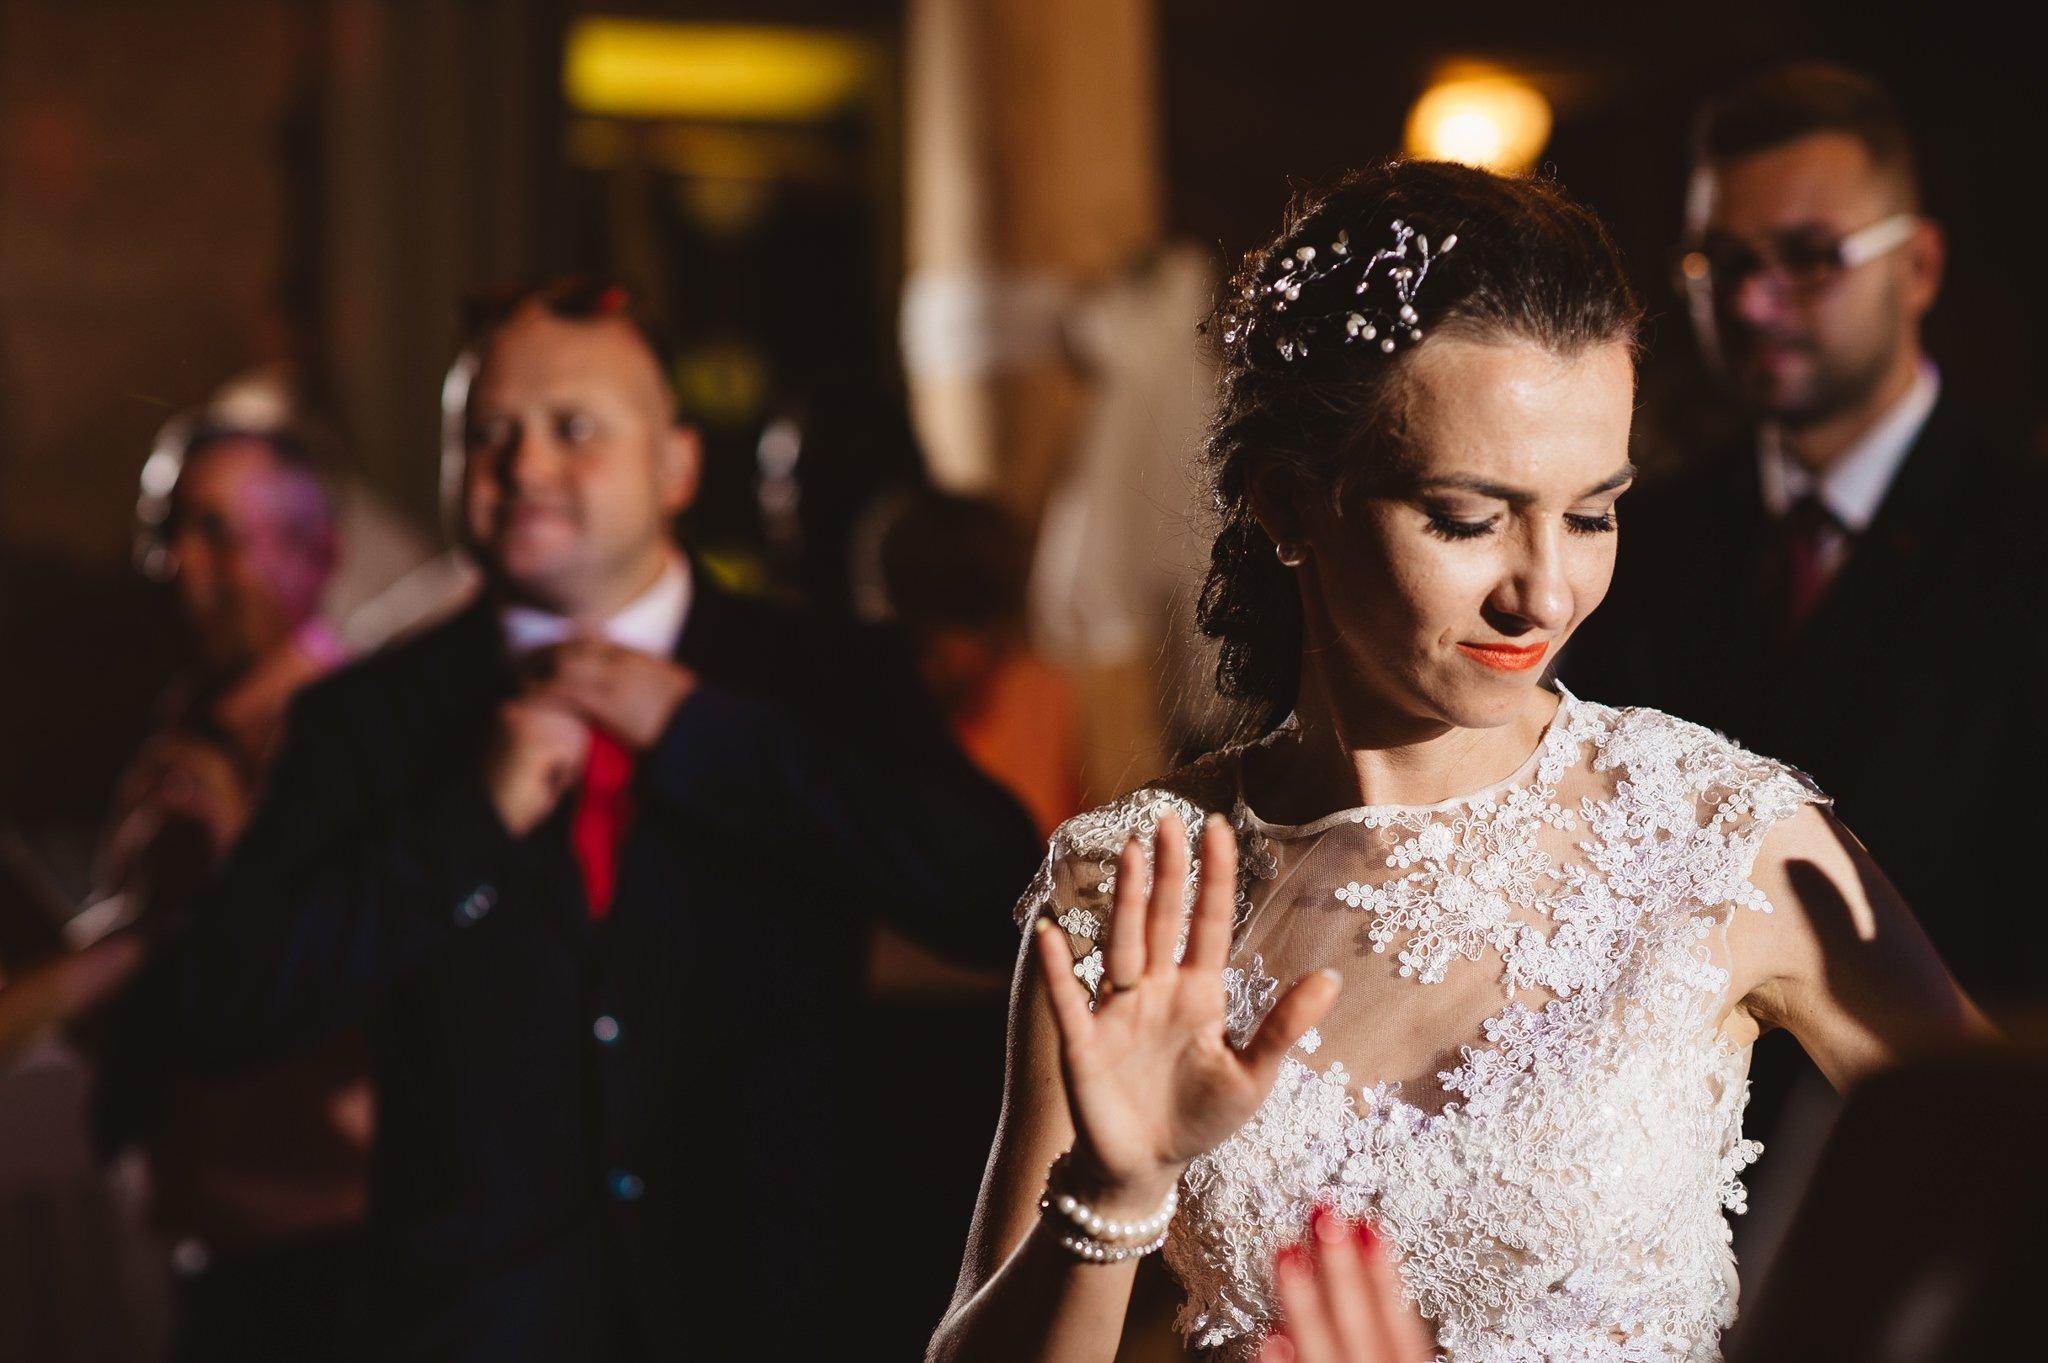 Ala i Arek, czyli jak zorganizować ślub i wesele w 4 tygodnie! 236